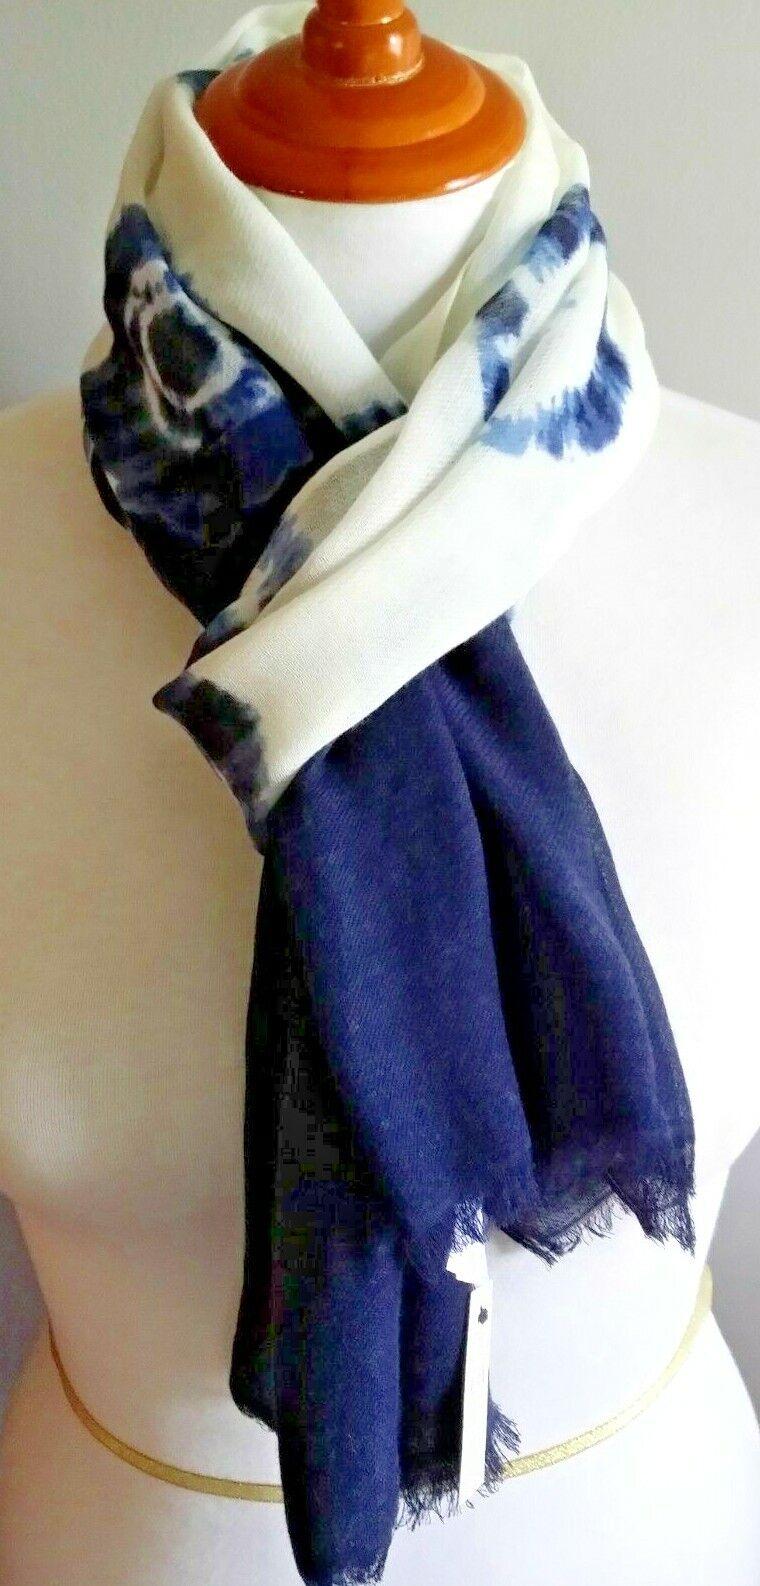 ! nuevo con etiquetas! Talbots Lana Challis Rectángulo Bufanda-Azul Shibori Tie-Dye